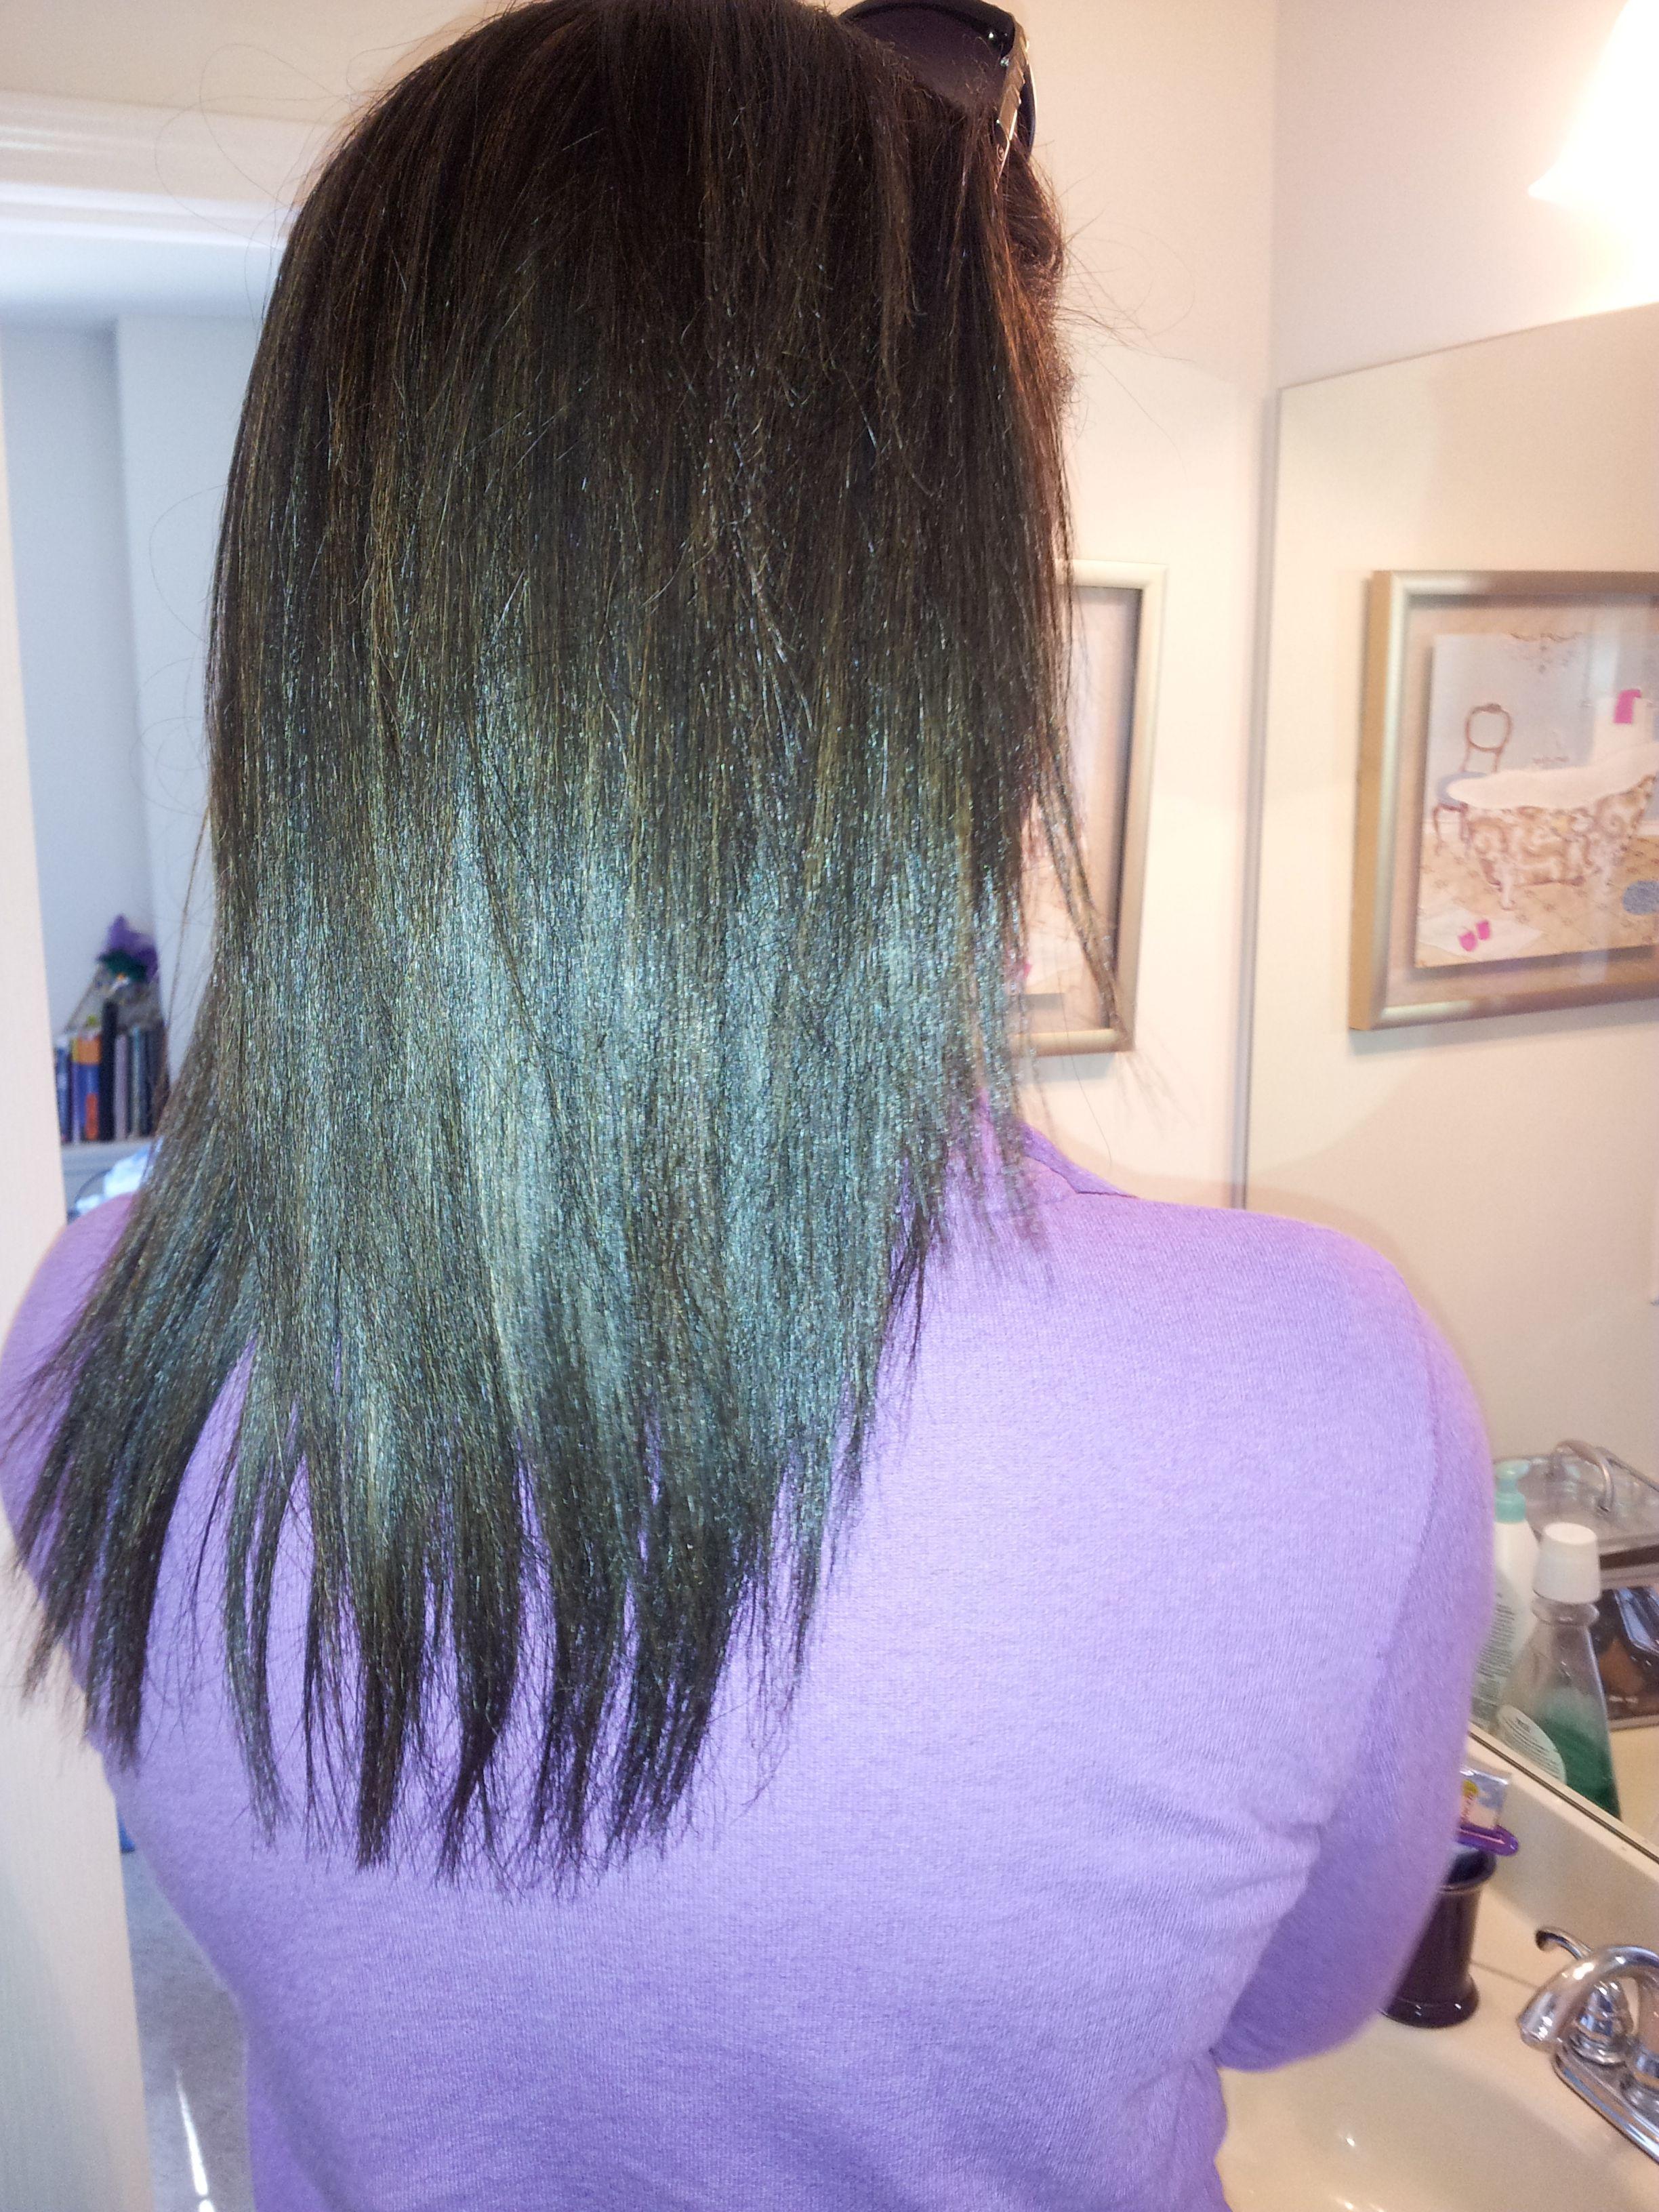 Natural hair, straightened hair, black hair, hair, hair cut